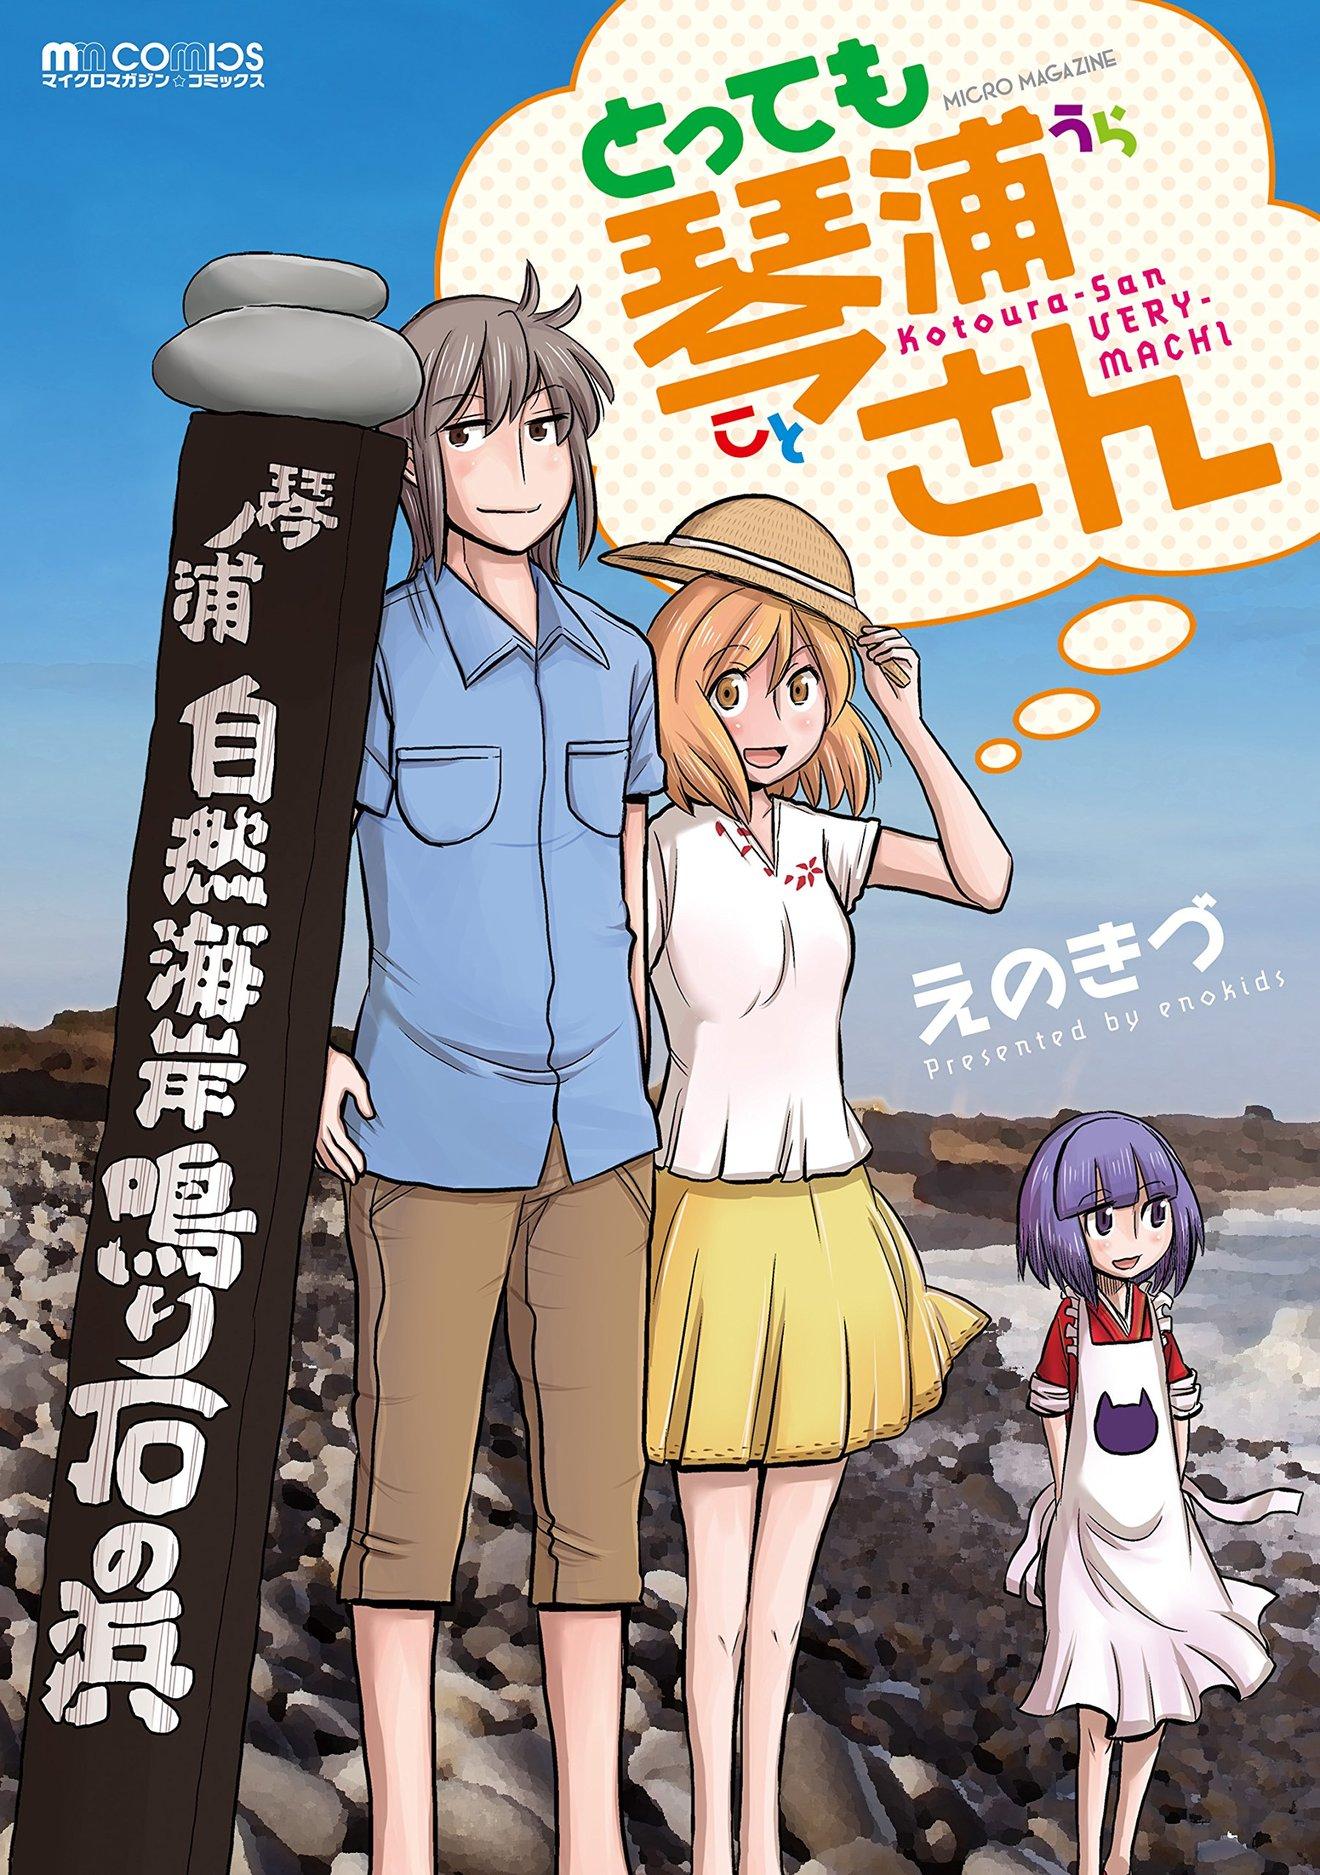 スピンオフ漫画『とっても琴浦さん』が無料で読める!魅力をネタバレ紹介!